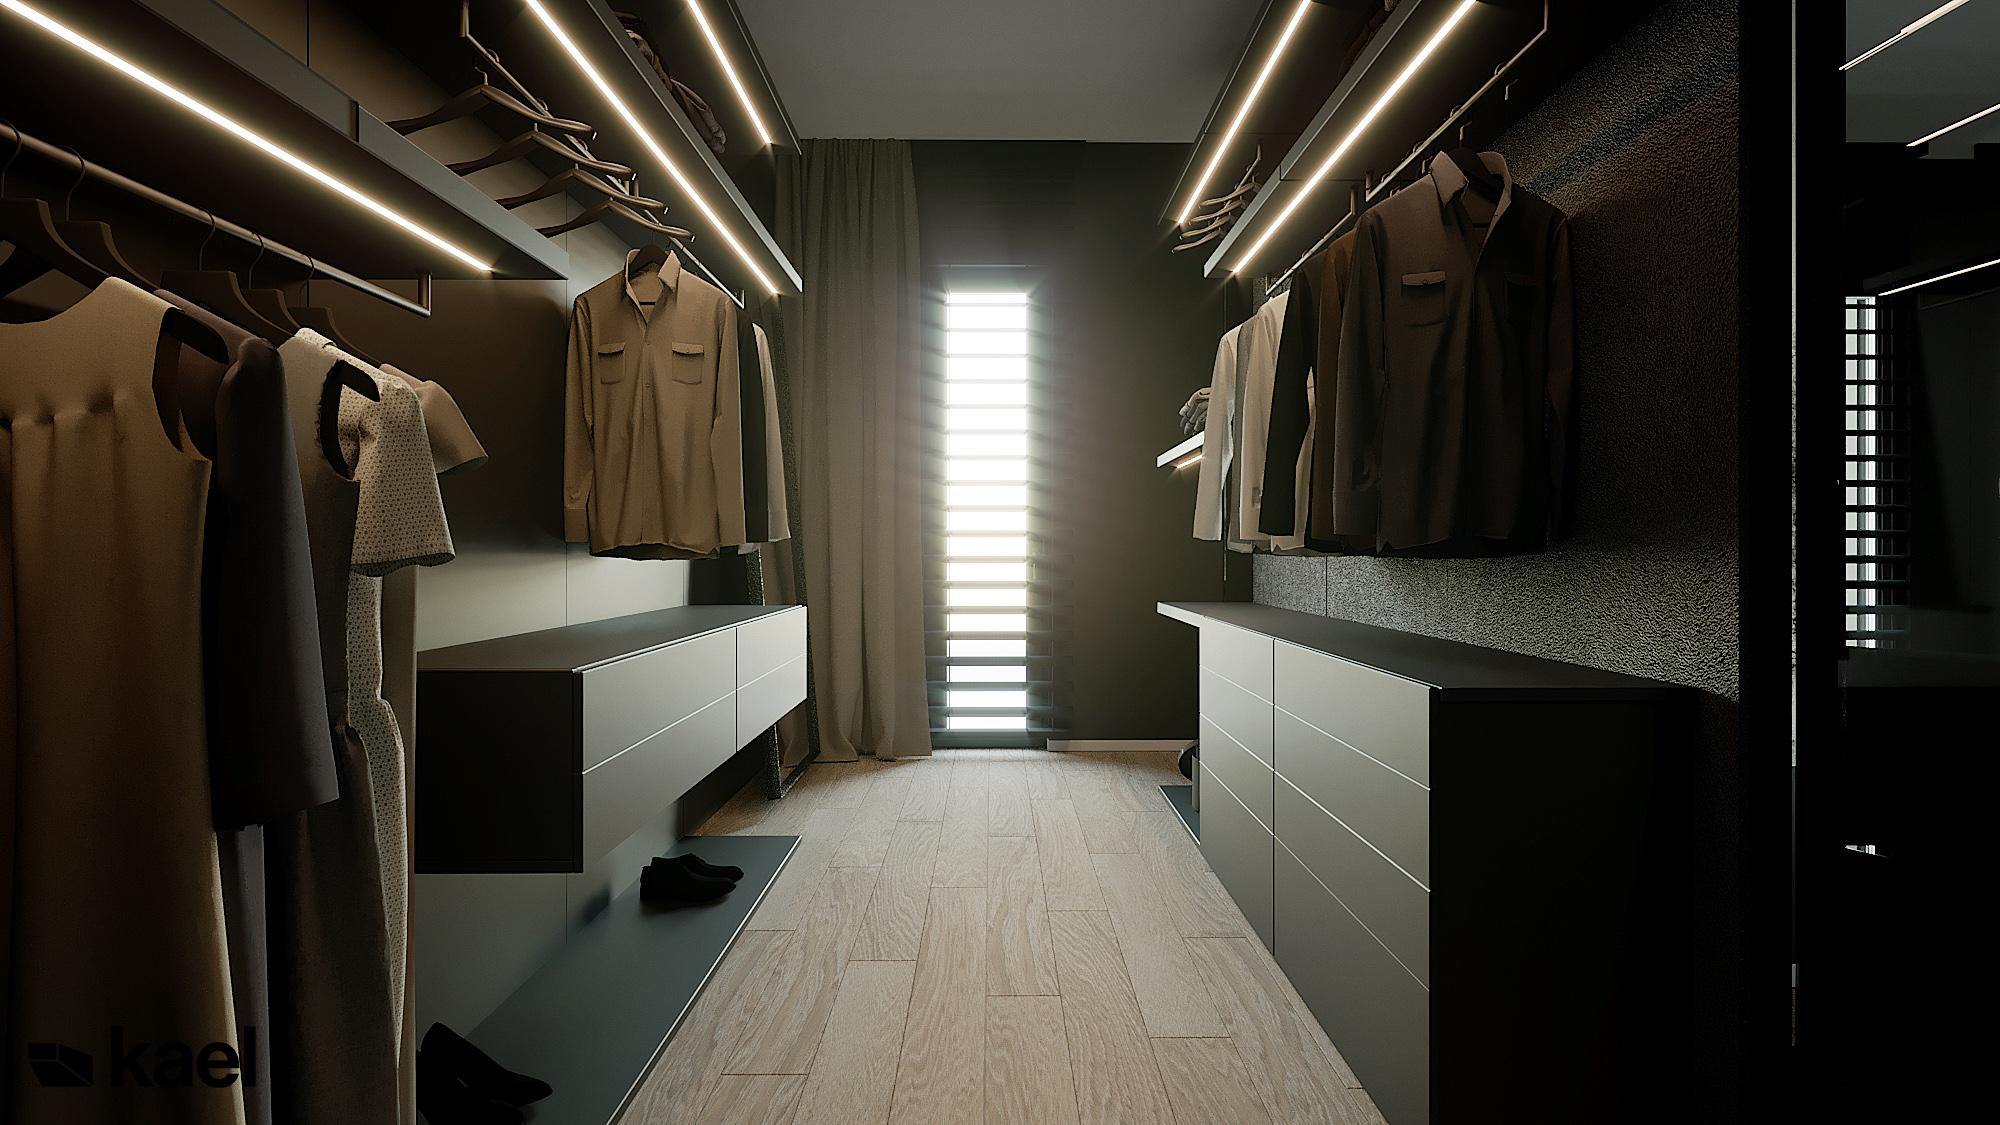 Garderoba - Czumy II - projekt wnętrza domu w zabudowie szeregowej - Kael